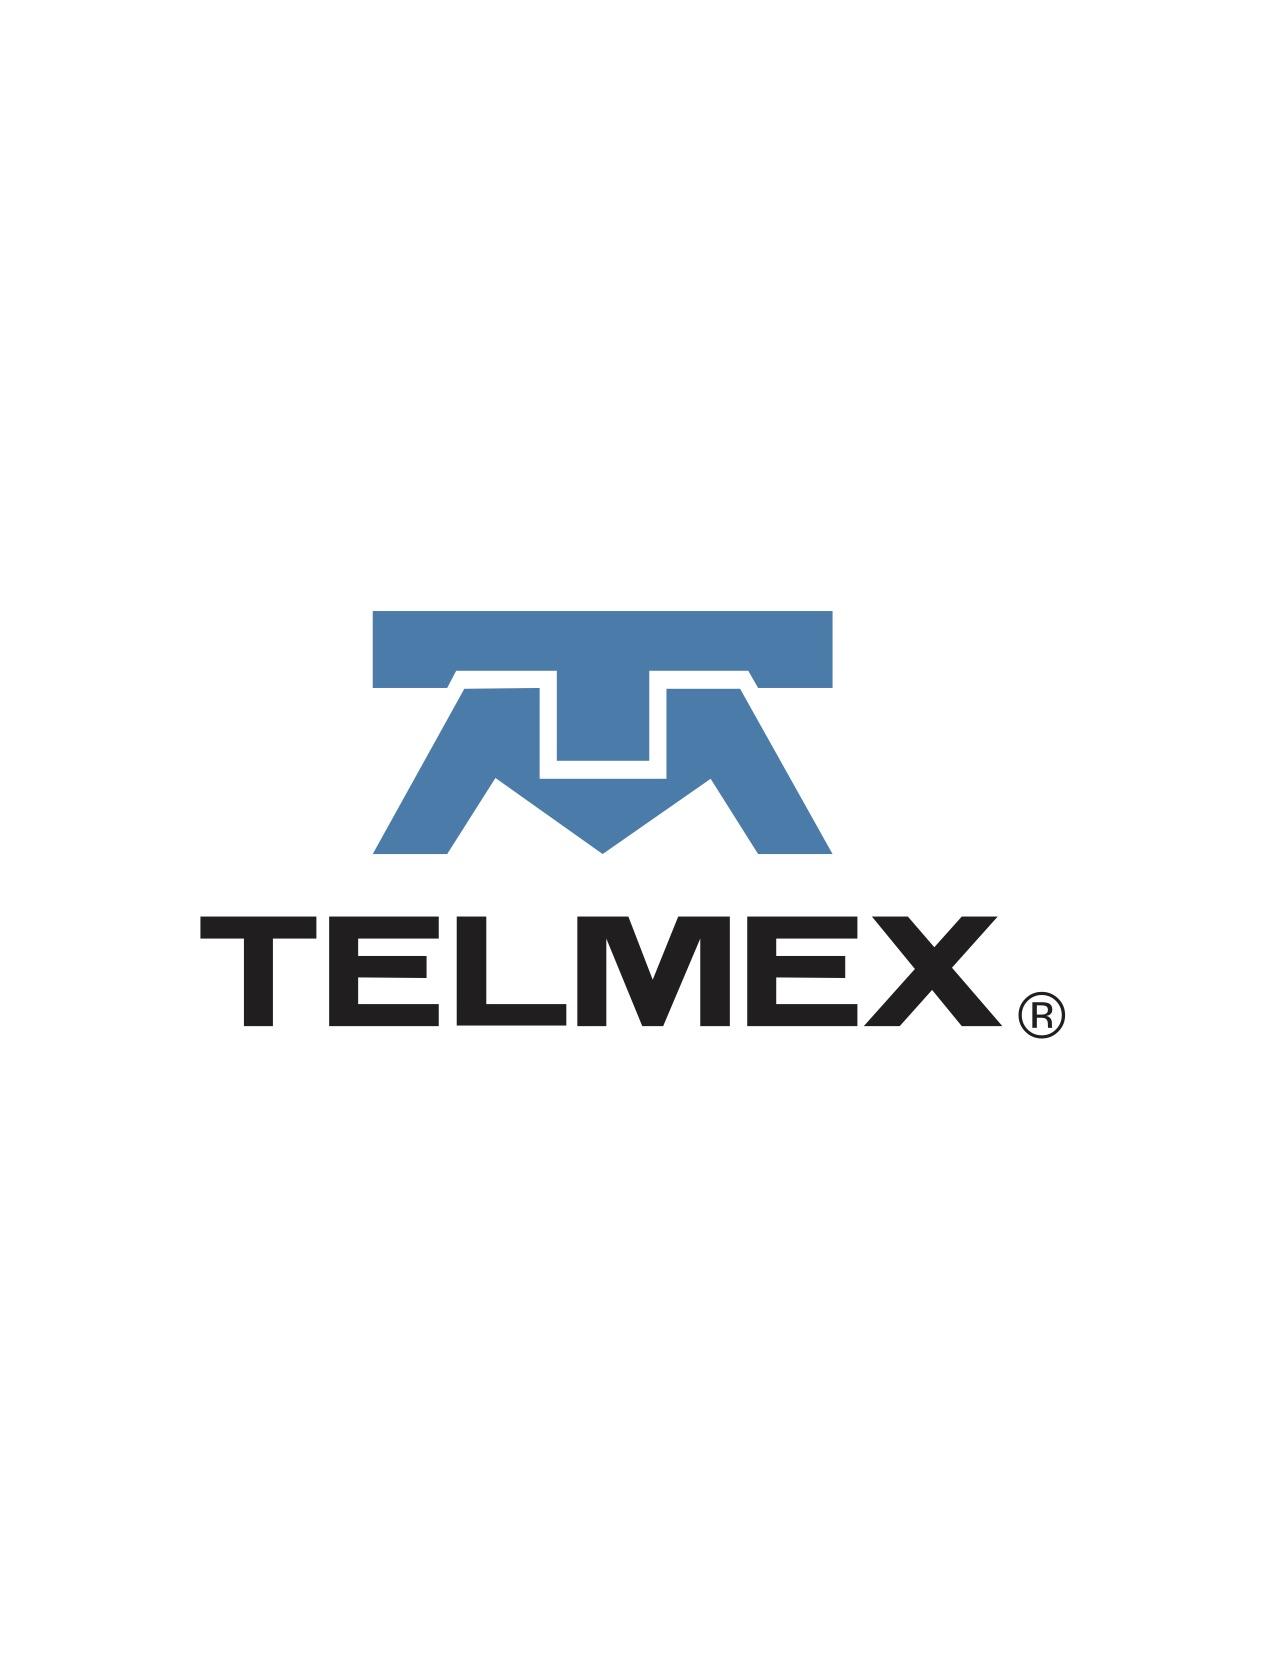 Tan innovador en su tiempo, como clásico actualmente, el logotipo de Telmex es en realidad un teléfono de disco conformado por las iniciales T y M.